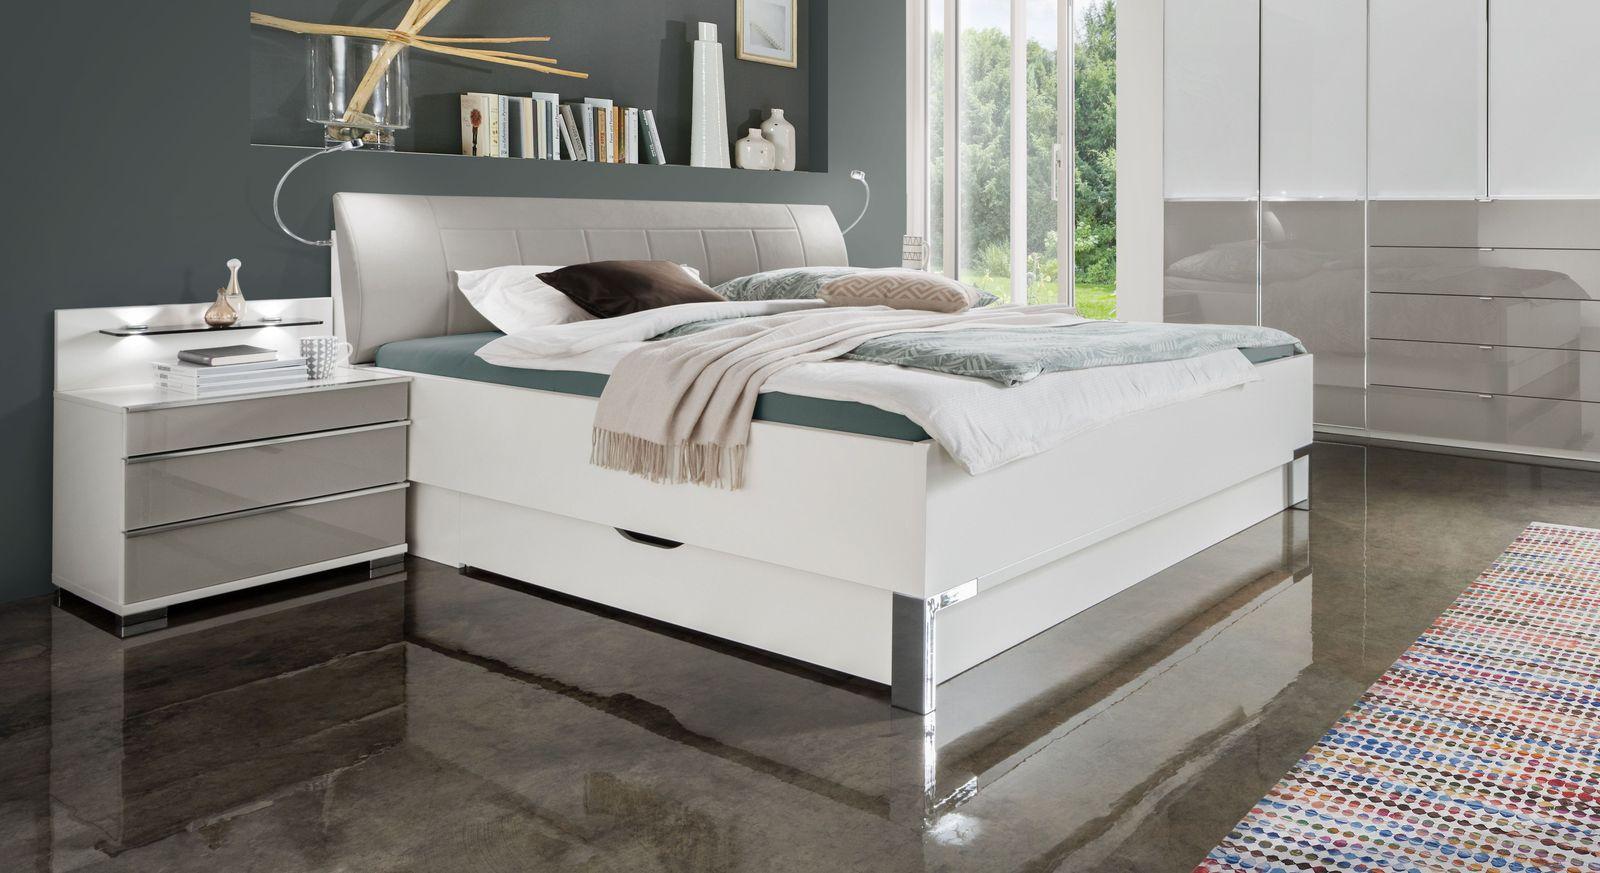 Bett Shanvalley mit passender Fußteilverblendung zur Bettschublade